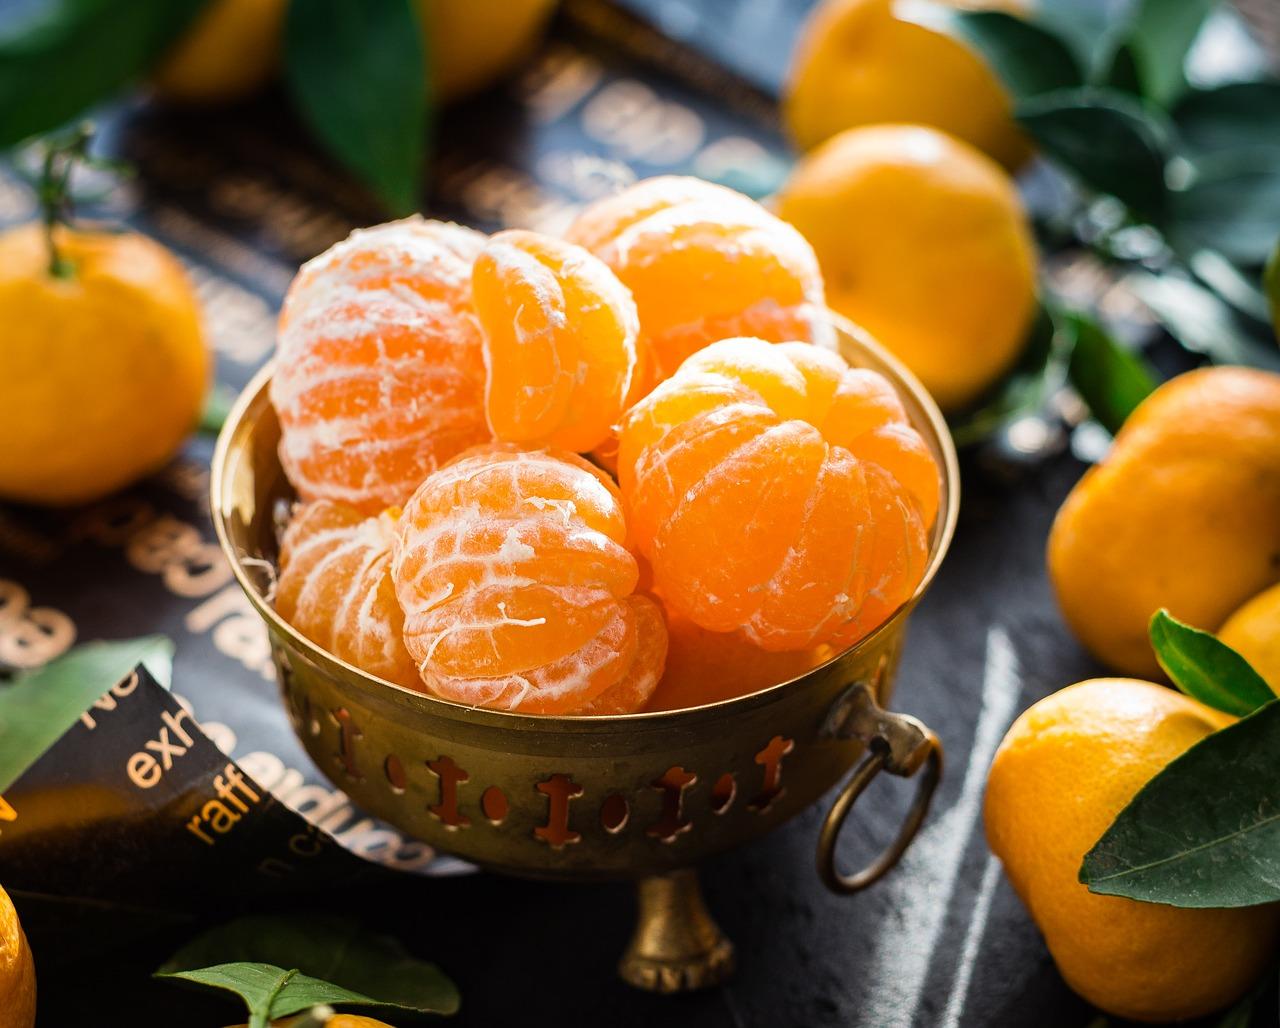 El principal elemento que da ese tono naranja a esos comestibles es el betacaroteno